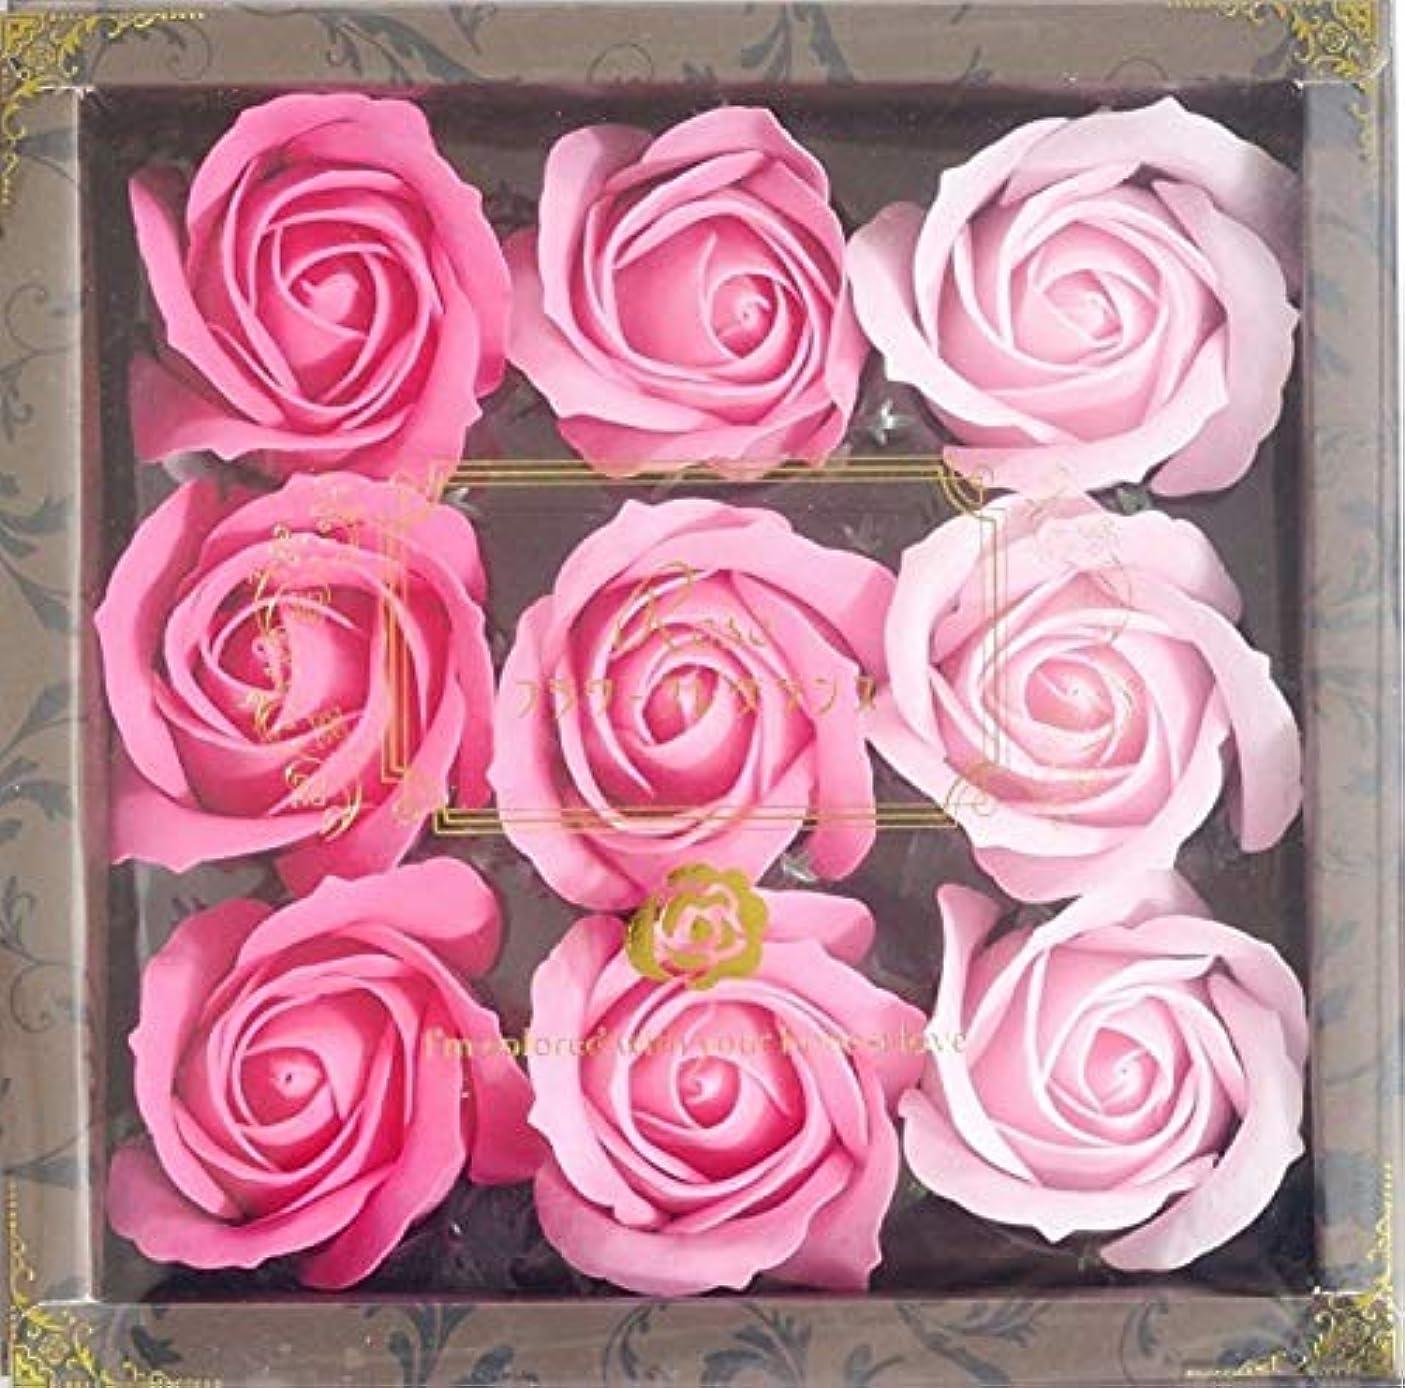 カタログ汚れるモンスターバスフレグランス バスフラワー ローズフレグランス ピンクカラー お花の形の入浴剤 プレゼント ばら ギフト